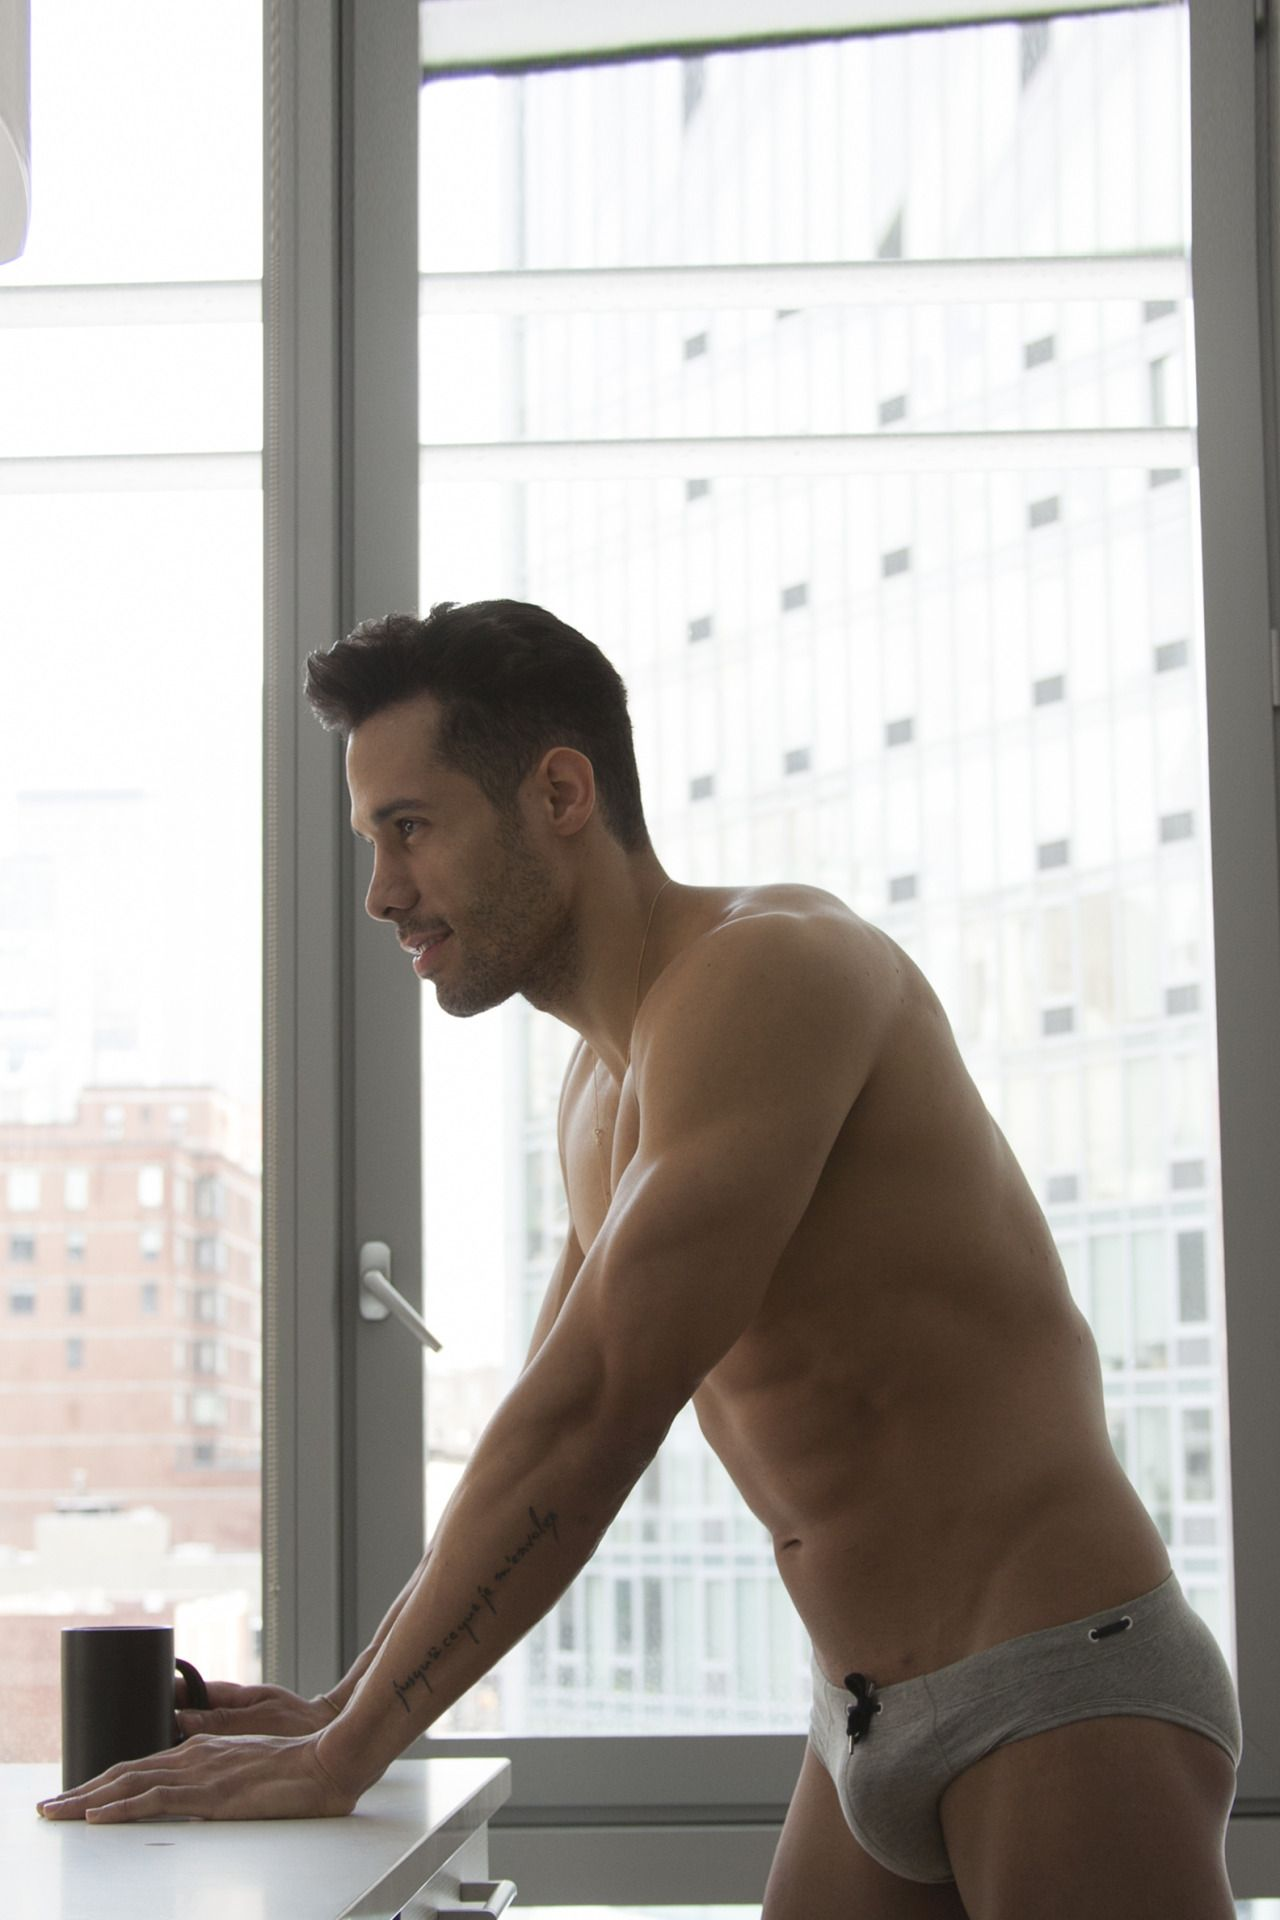 Marco by Sean Gomes Men's Briefs, Slip, Cum Shots, Male Body, Sexy